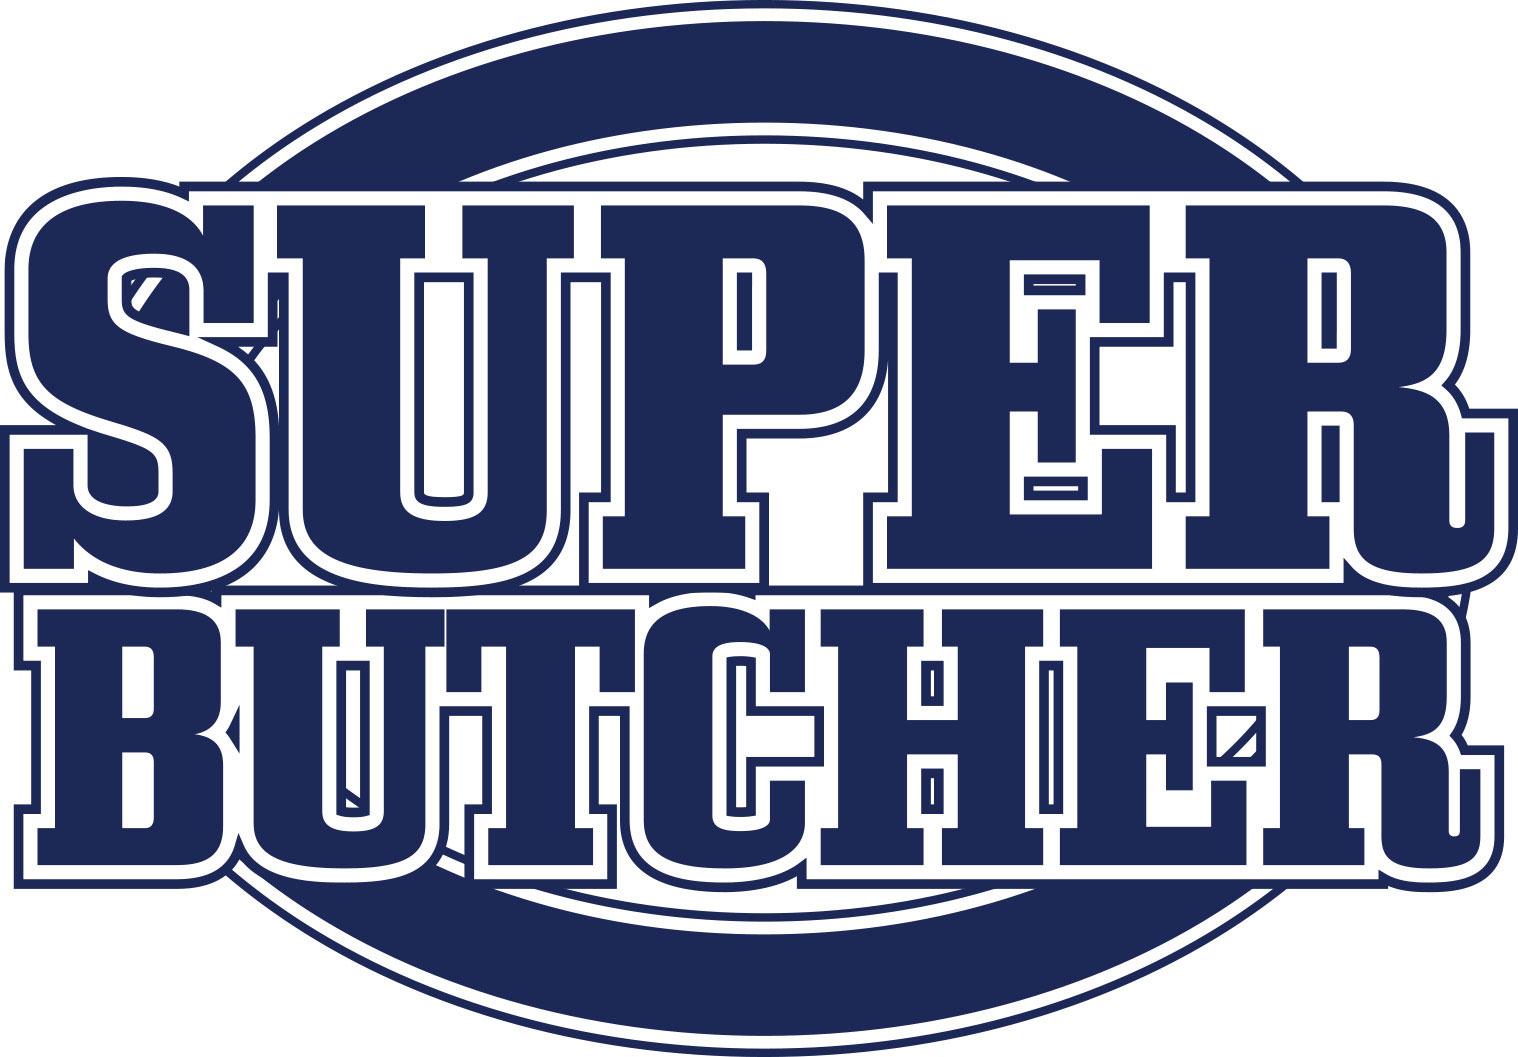 Super Butcher